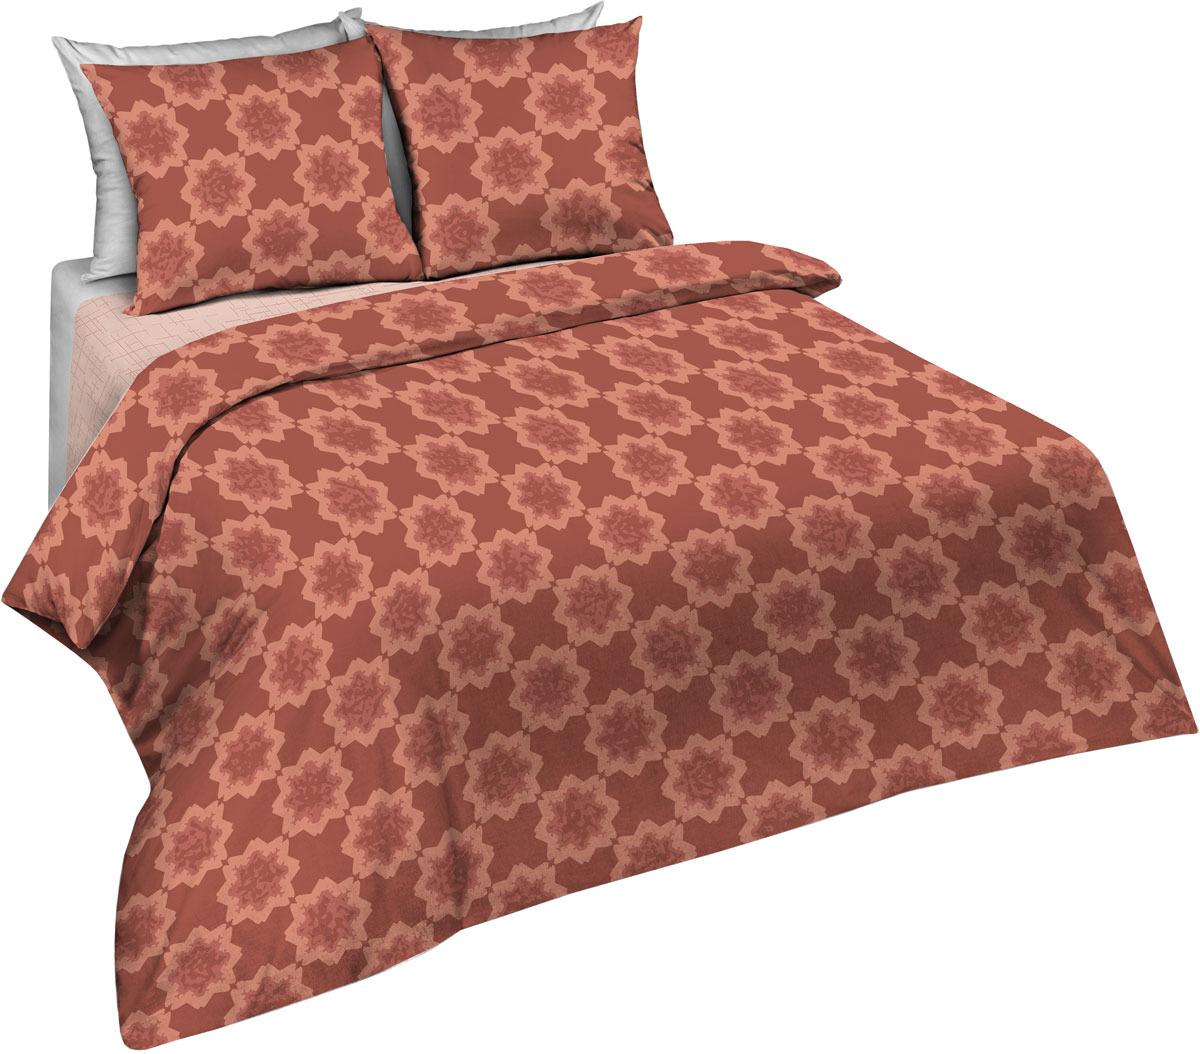 Комплект постельного белья Павлина Простые вещи, 2-х спальный, наволочки 70x70, цвет: коричневый комплект постельного белья павлина простые вещи евро наволочки 70x70 цвет коричневый